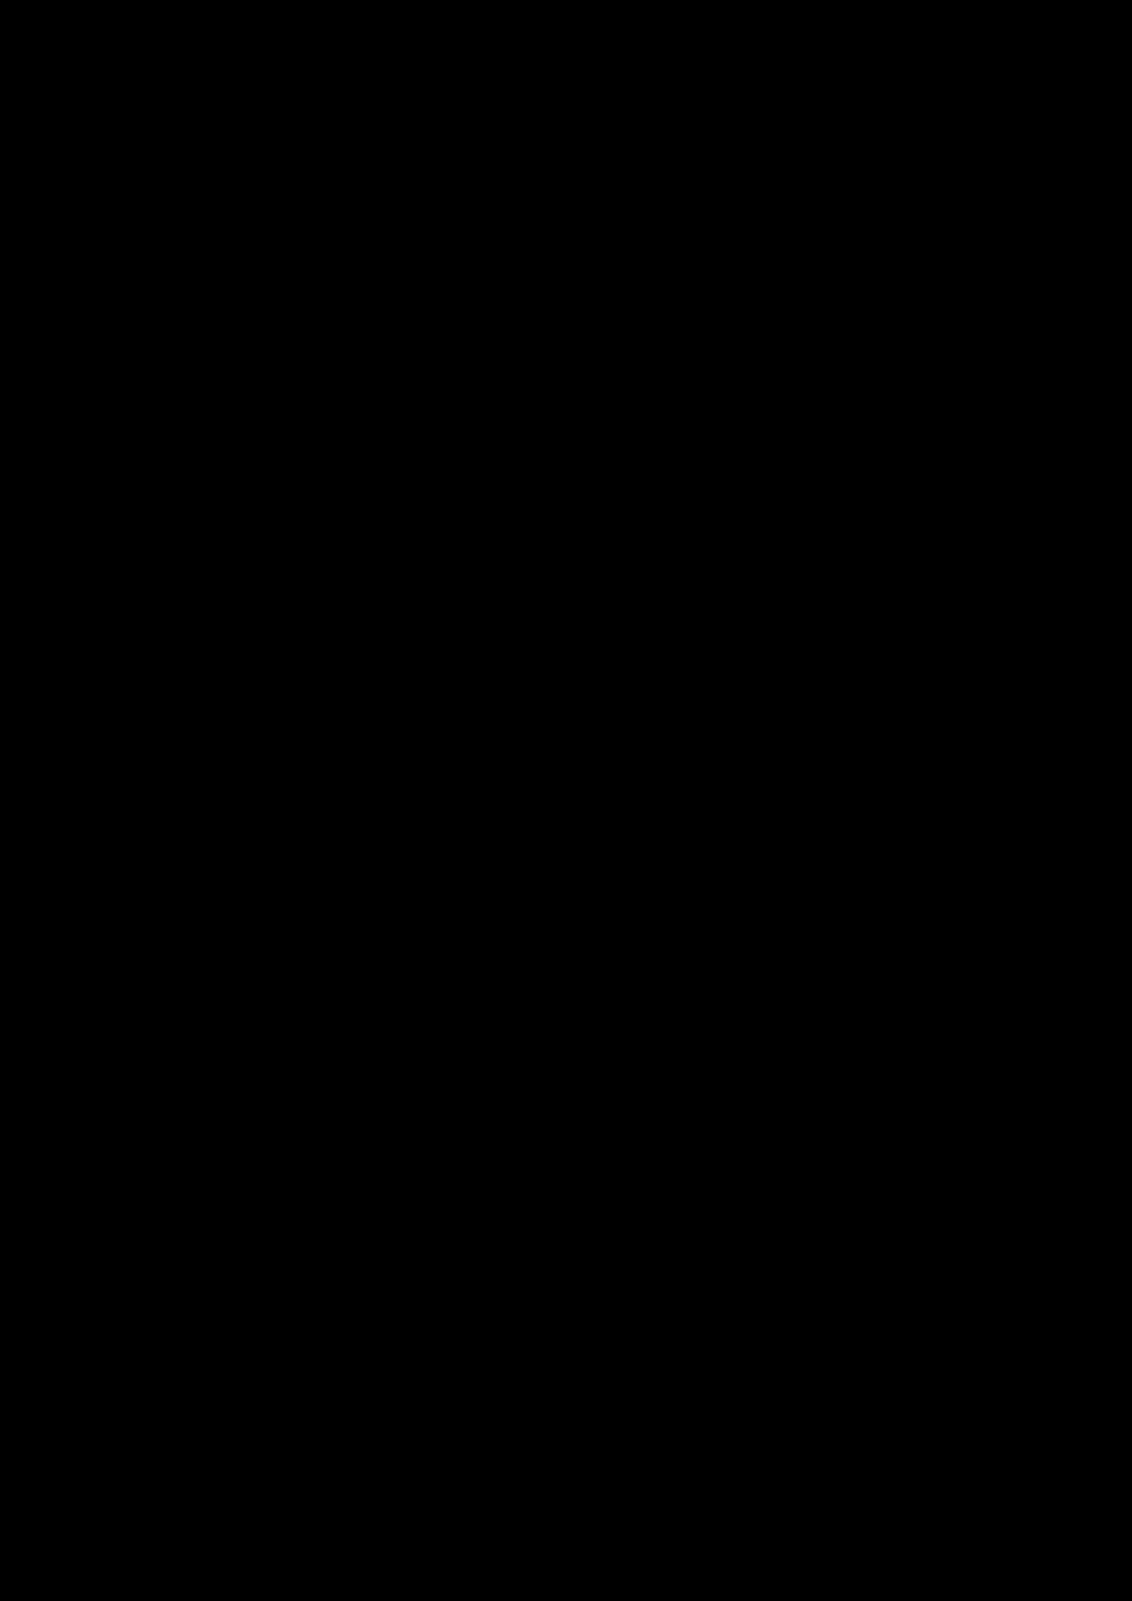 Zagadka volshebnoy stranyi slide, Image 123